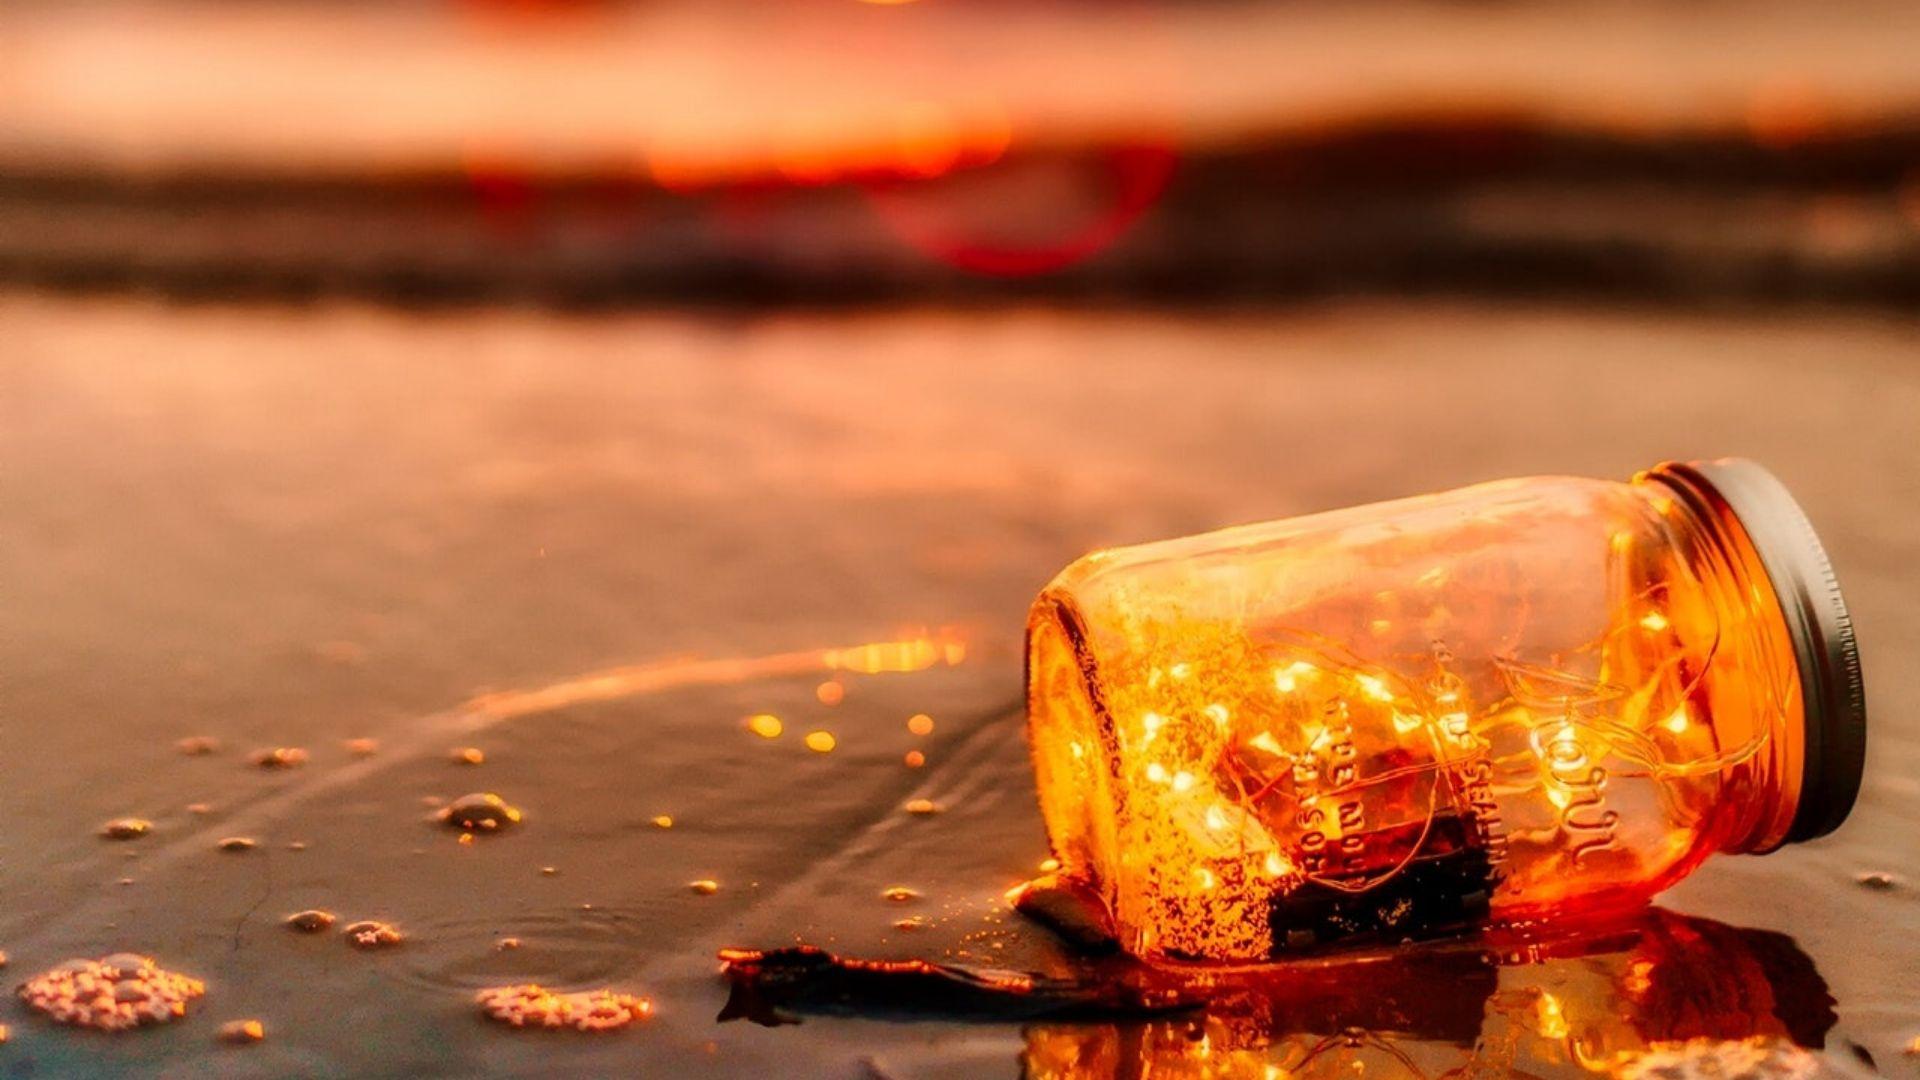 jar on the beach at dusk